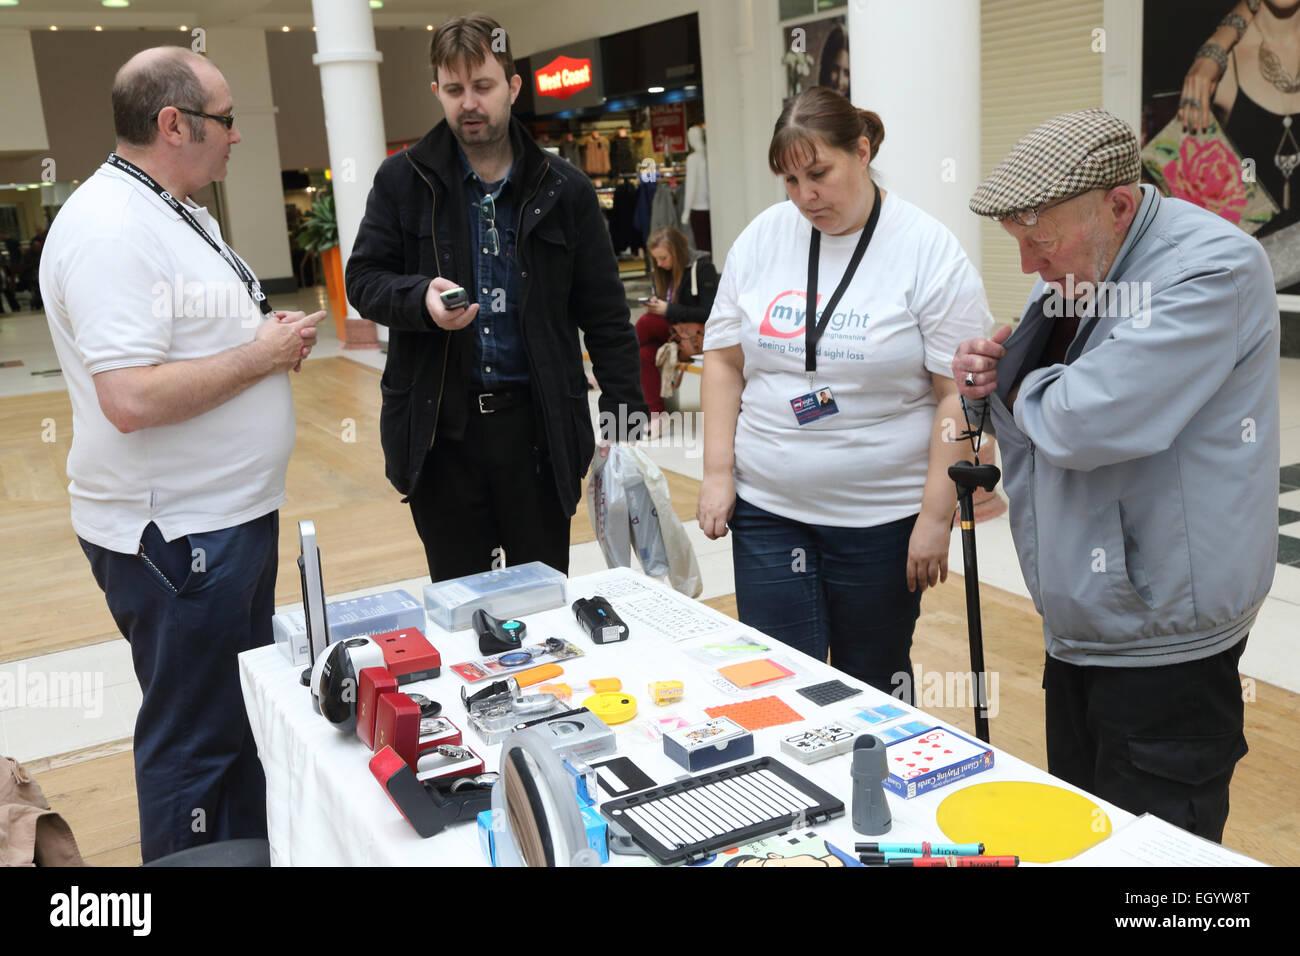 Pressione di stallo per la promozione di prodotti e servizi per le persone con disabilità visive, gestito dalla Immagini Stock